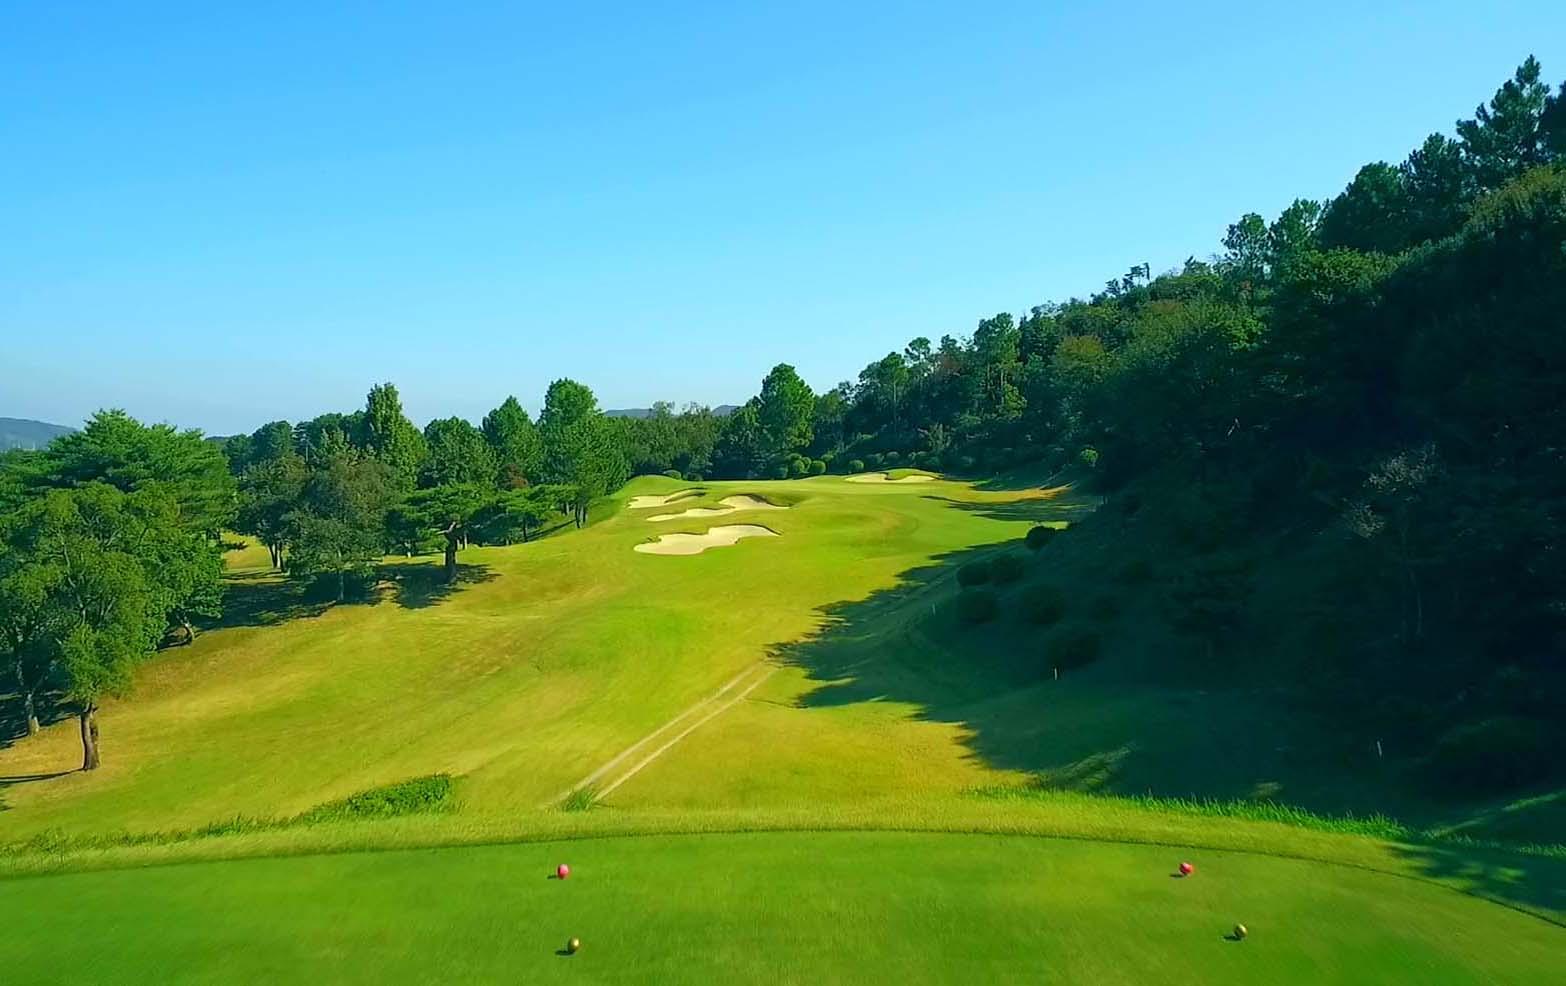 【ツーサム確約】二人で楽しむ 淡路島のリゾートゴルフプラン